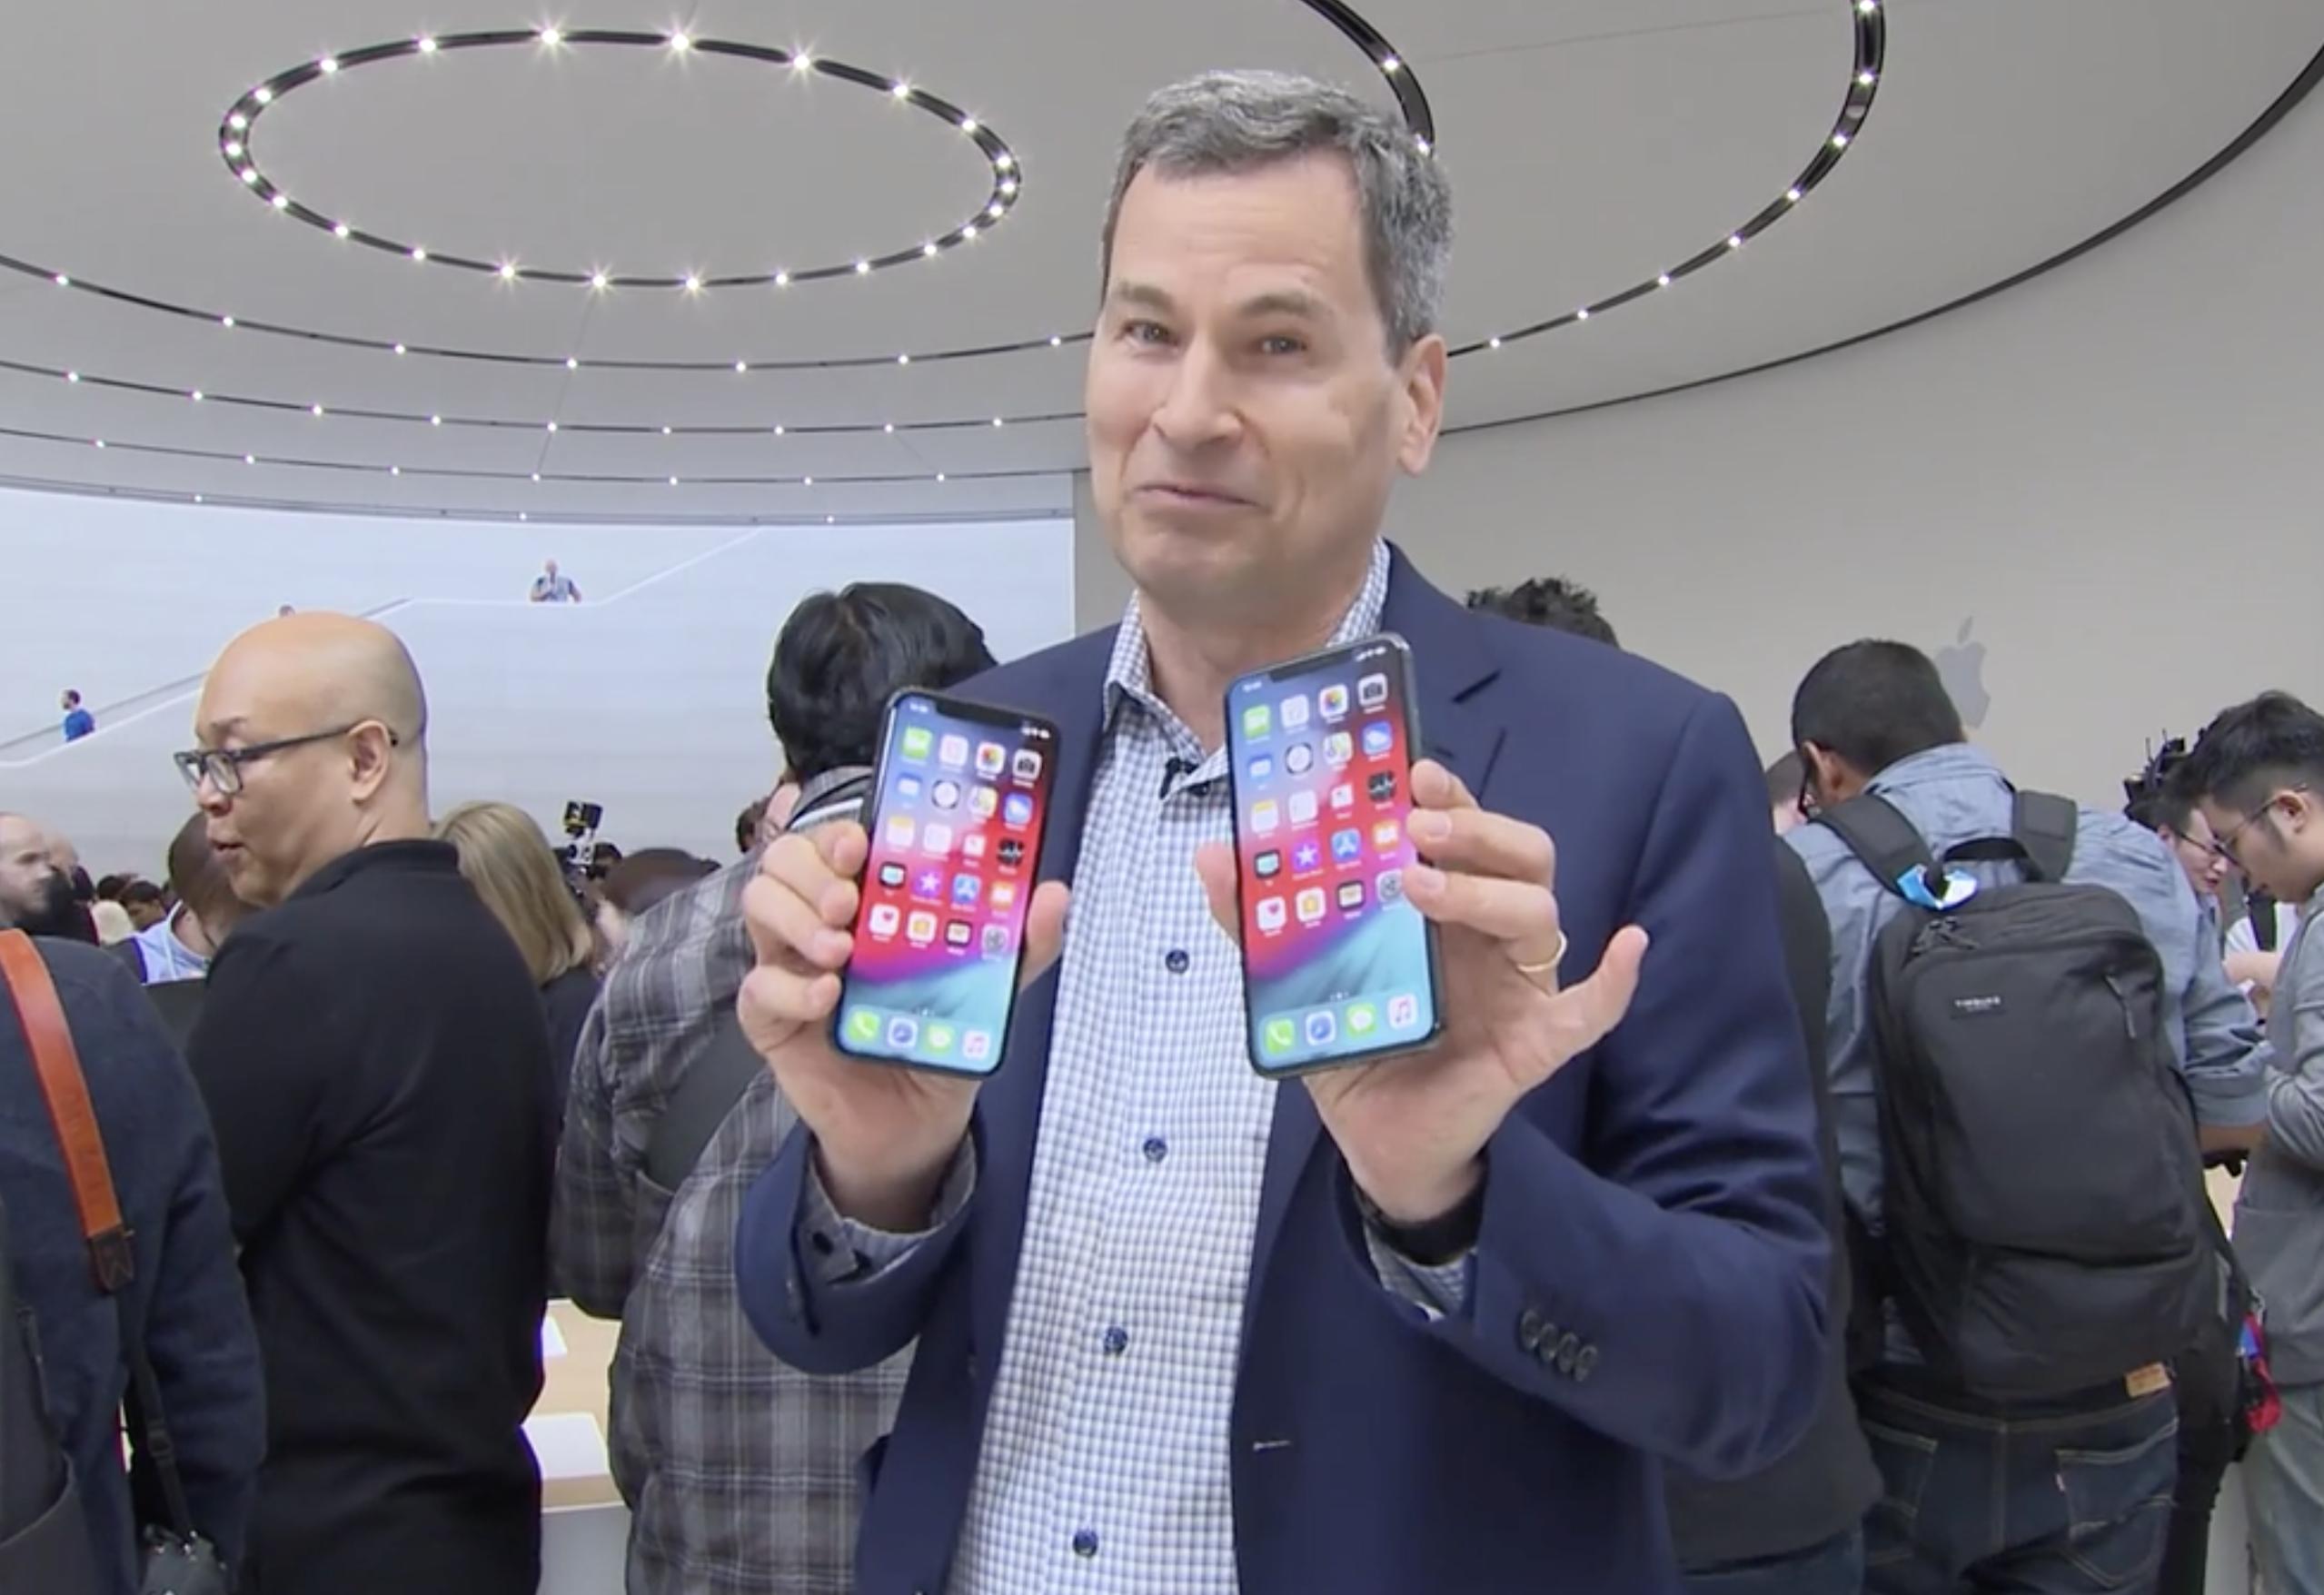 New iPhones, new Galaxies: Who's the bigger copycat?